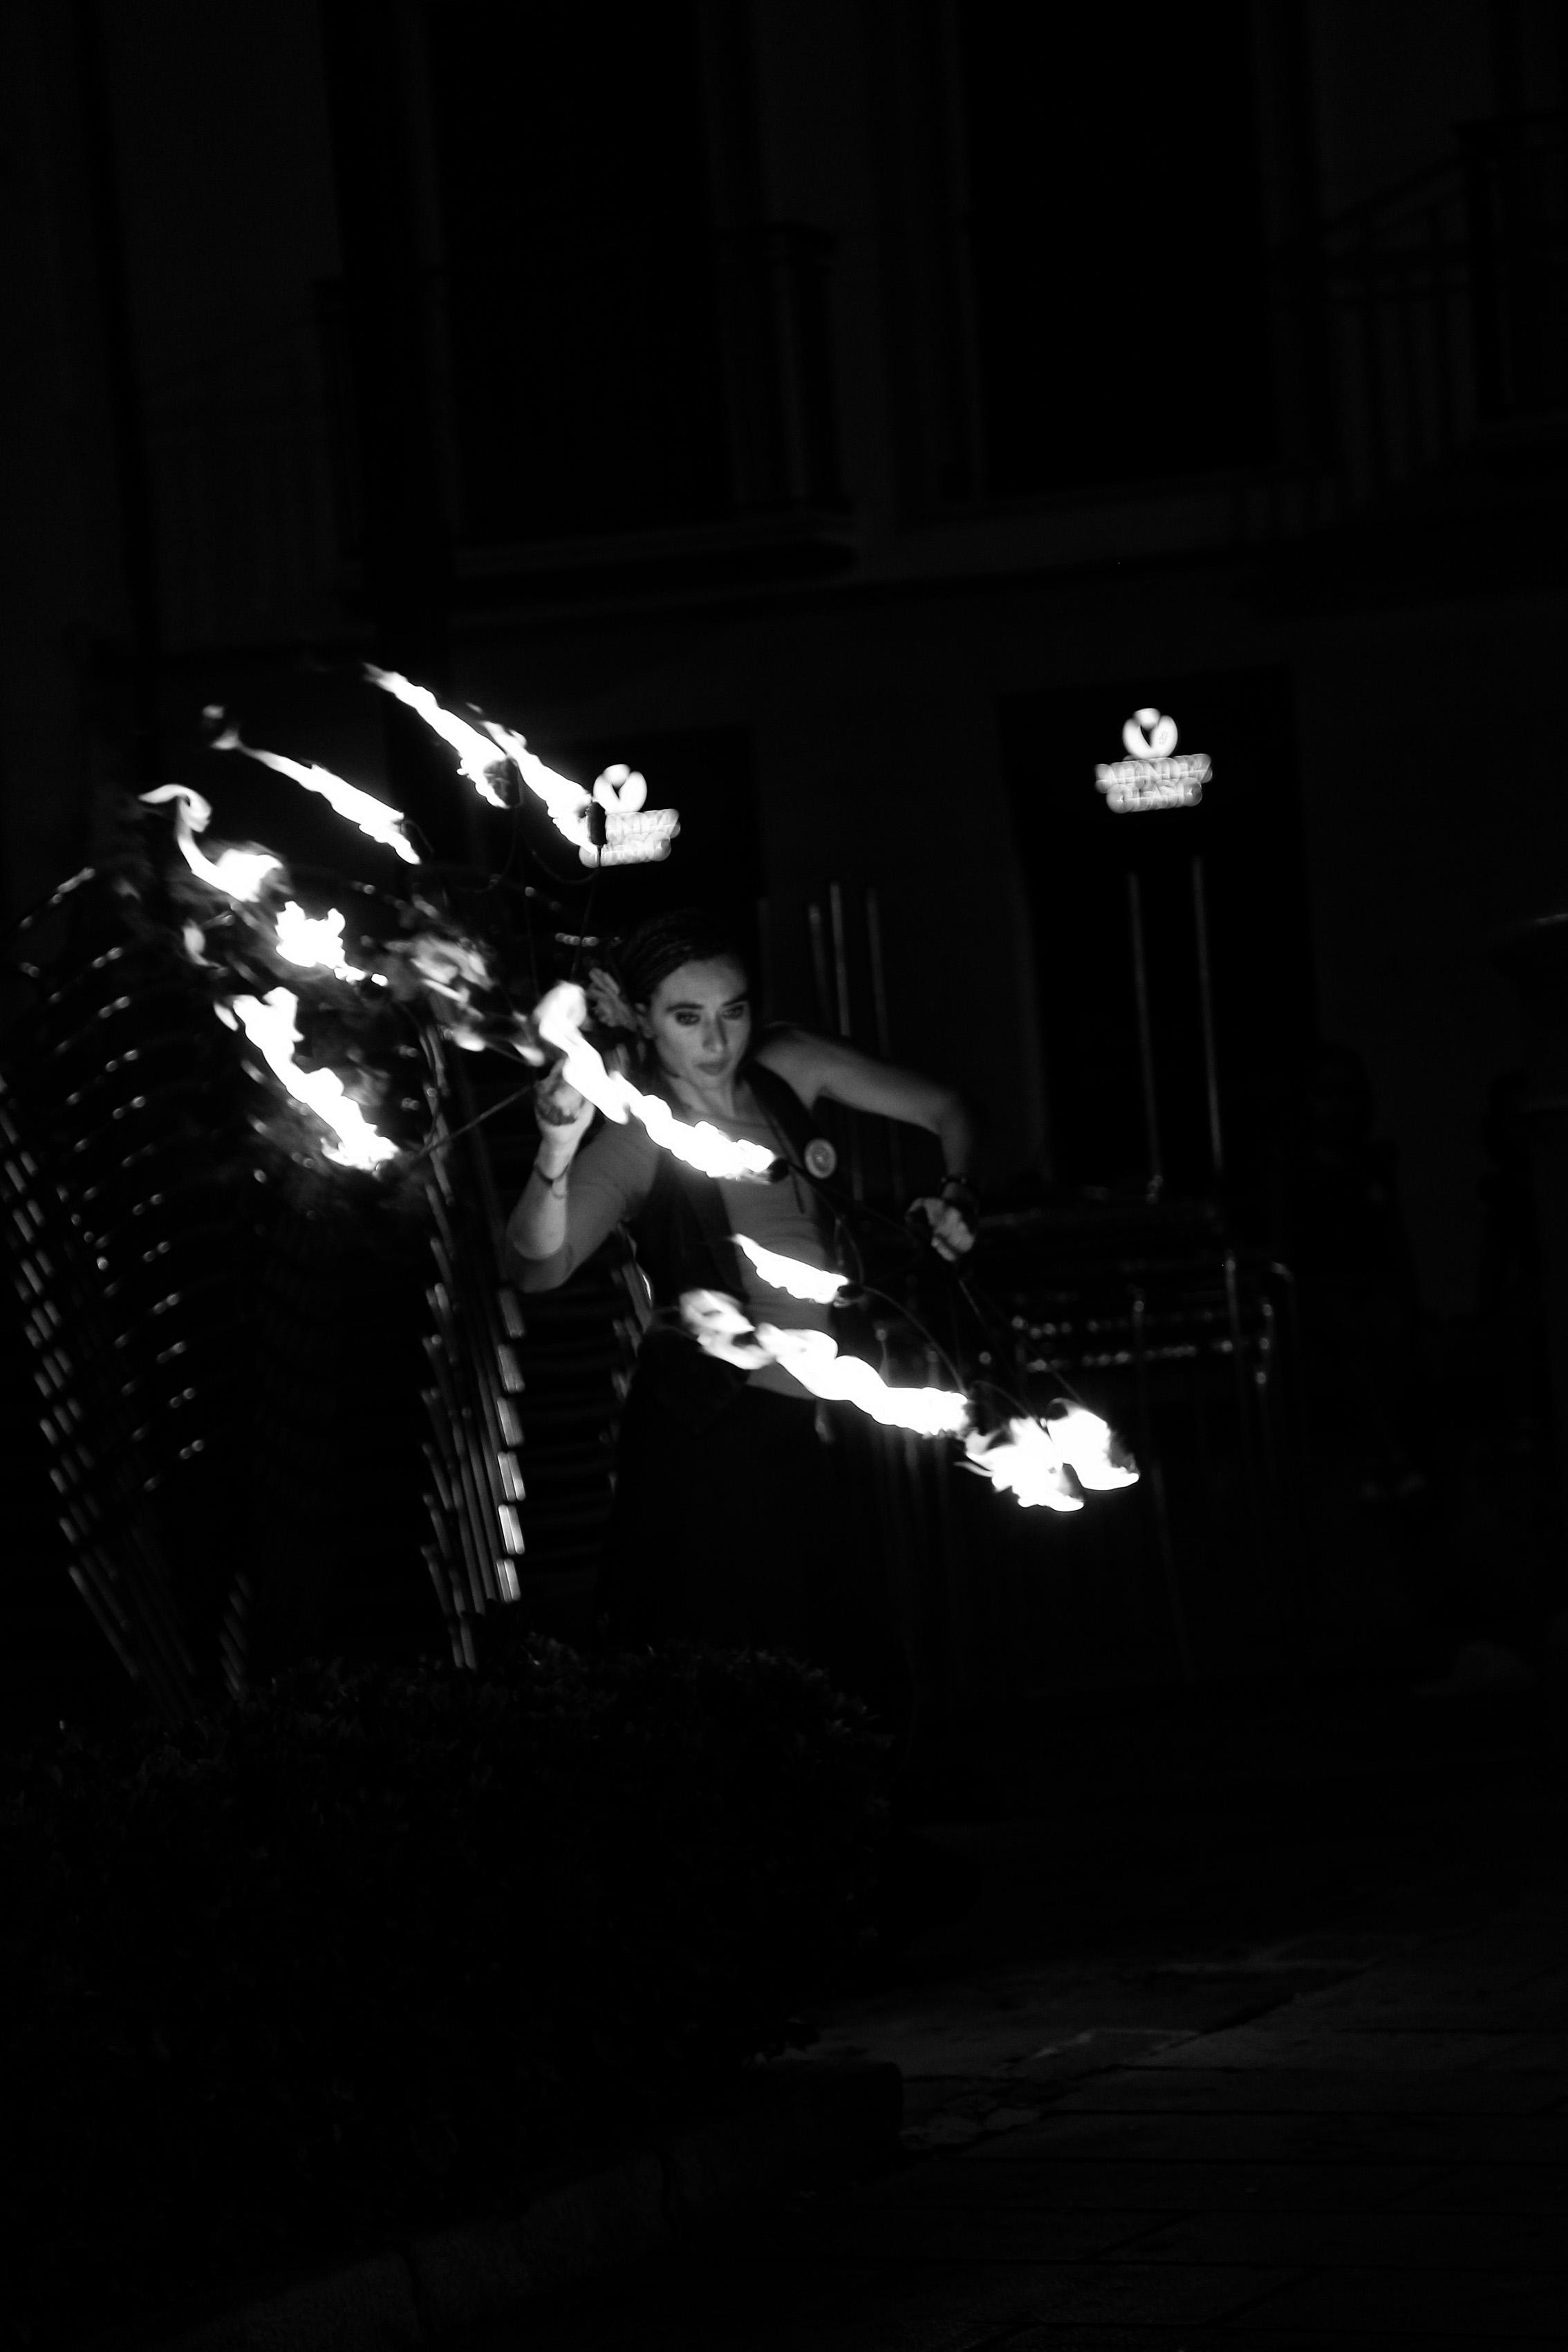 Fuego en movimiento